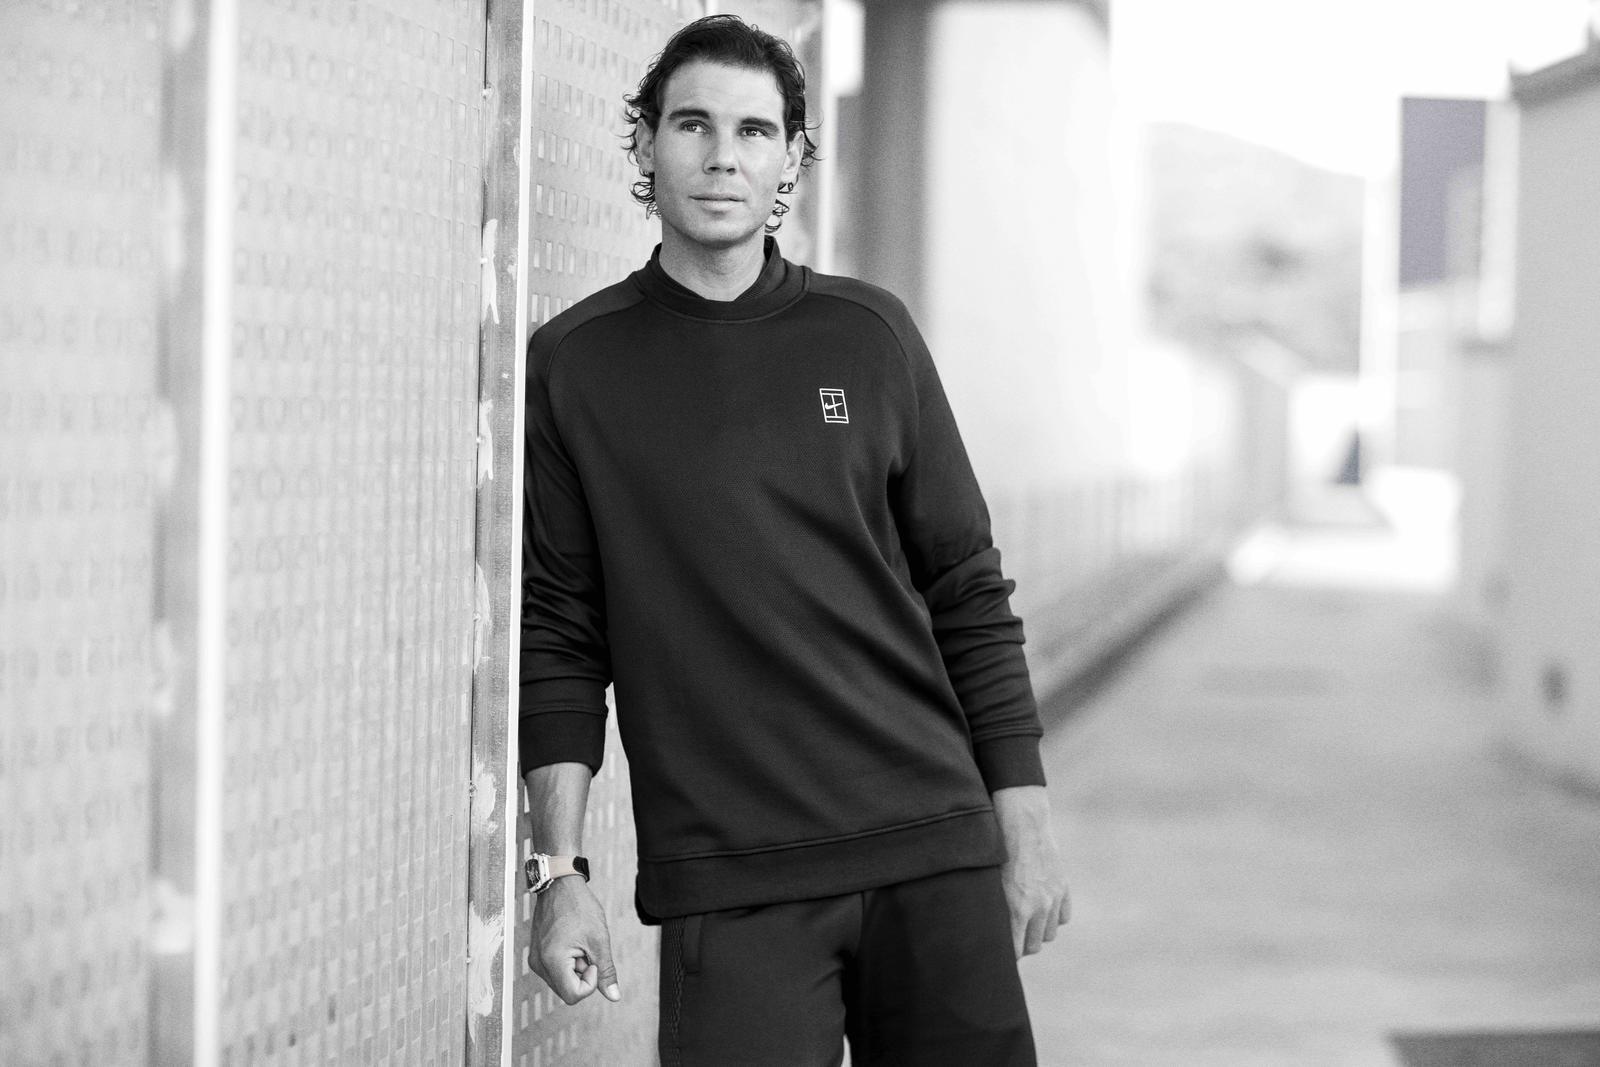 NikeCourt_Rafa_Nadal_3_native_1600